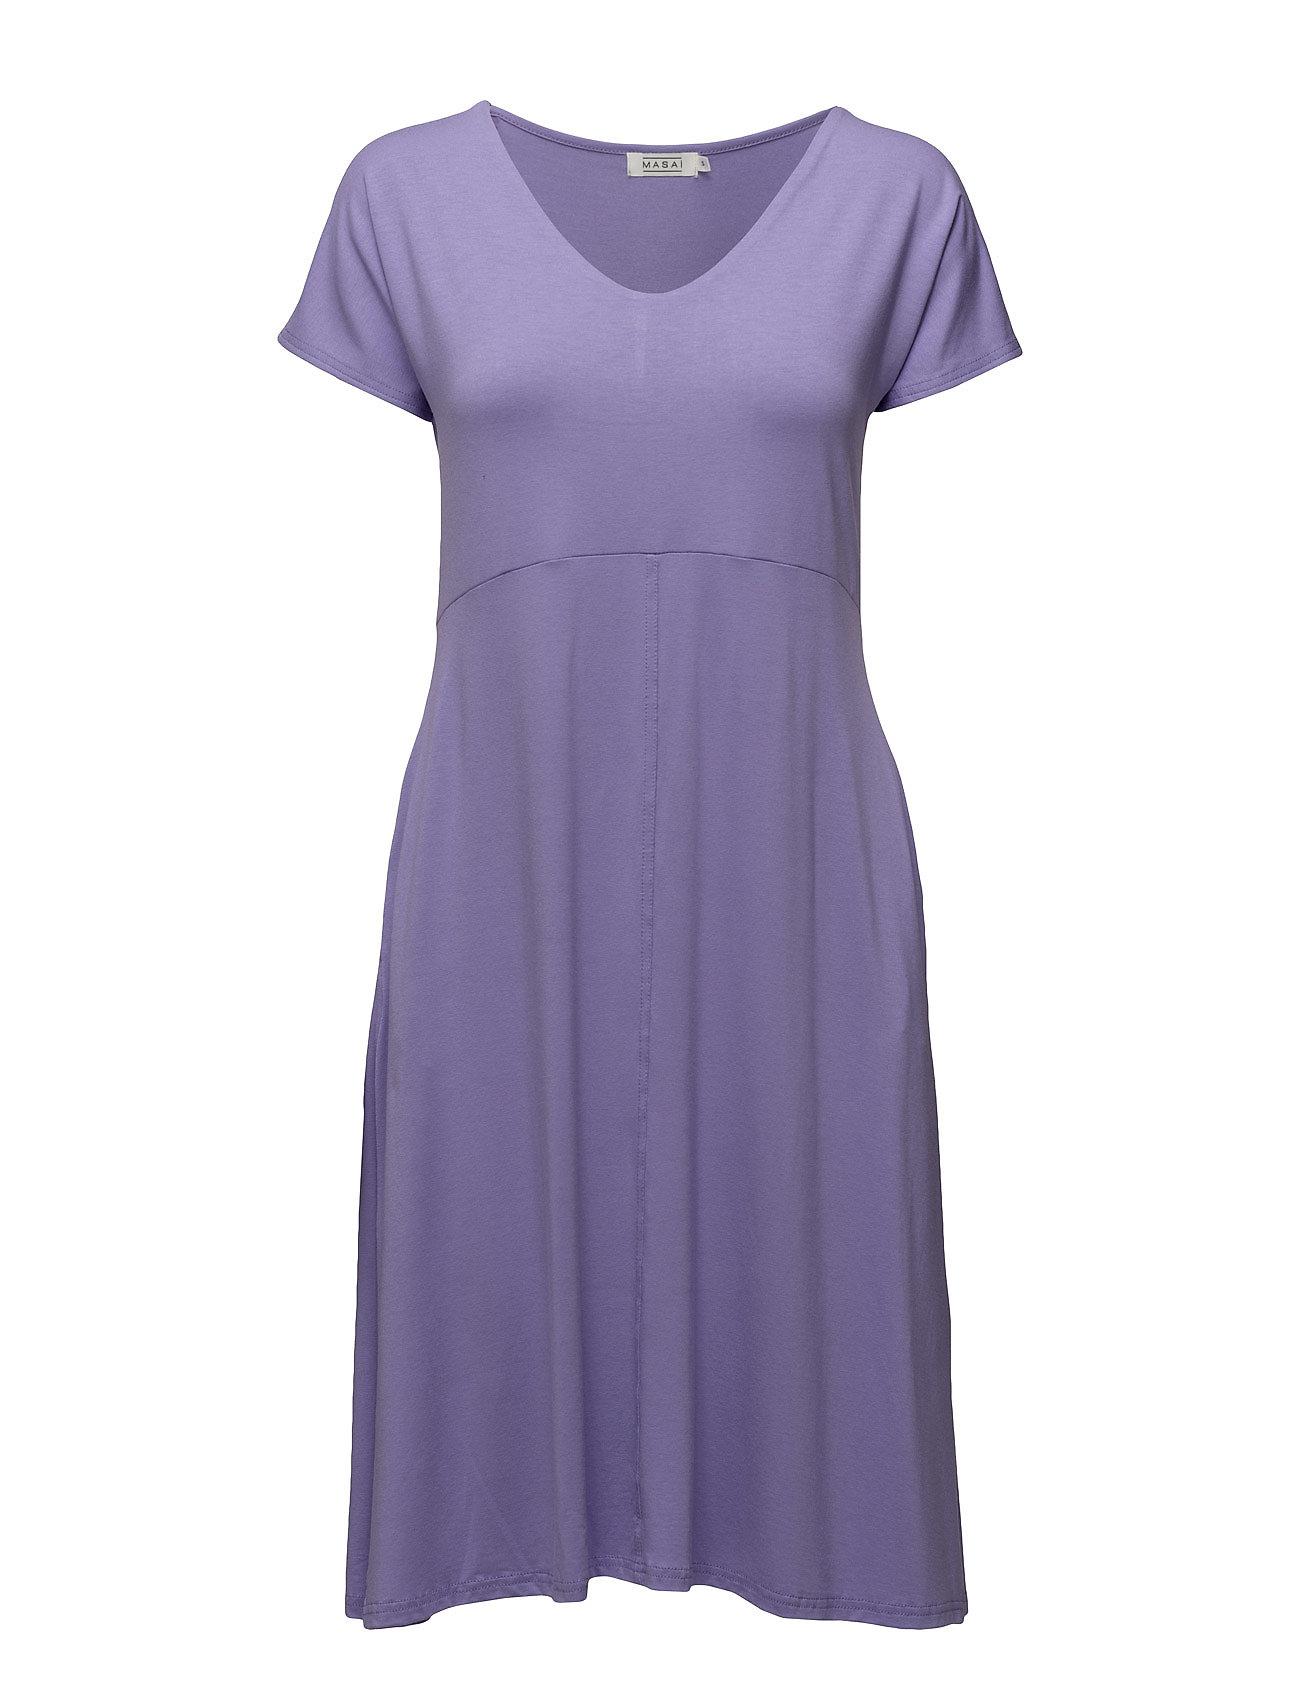 Nemy Dress Shaped Sh Slv Masai Knælange & mellemlange til Damer i Iris